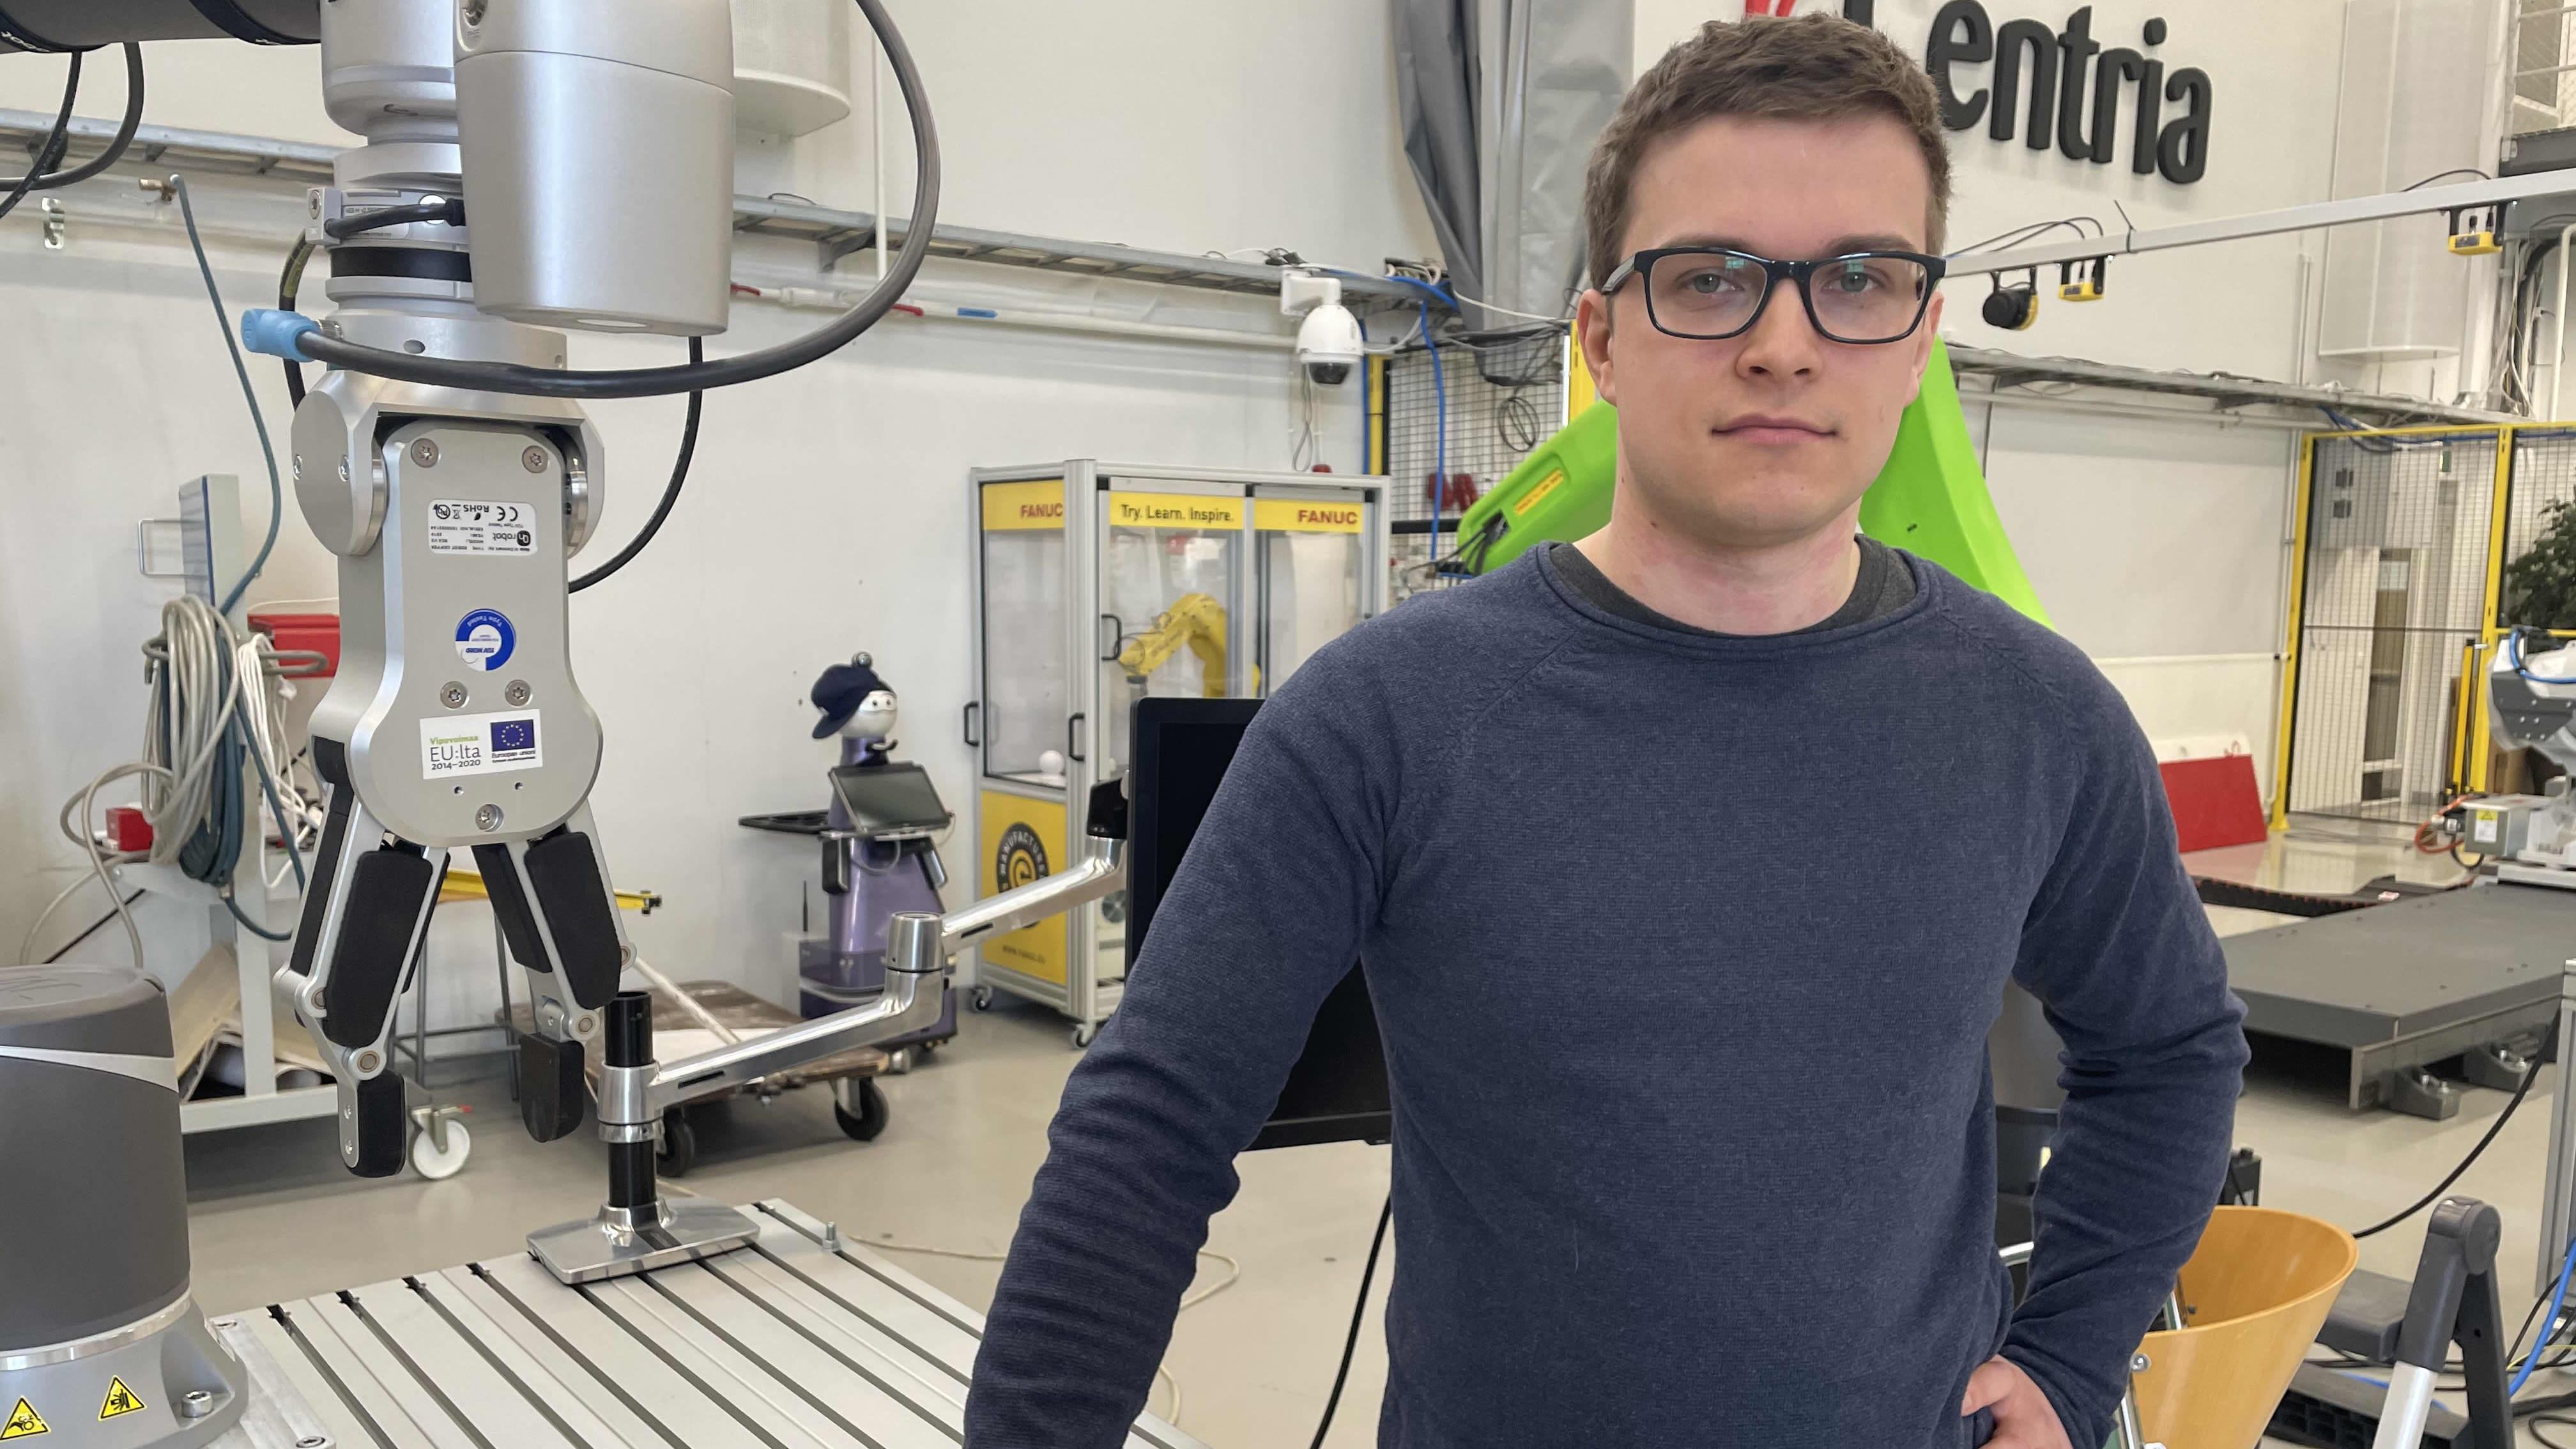 Ylivieskalainen Juho Valkola seisoo Centria-ammattikorkeakoulun robottilabissa laitteiden vieressä.